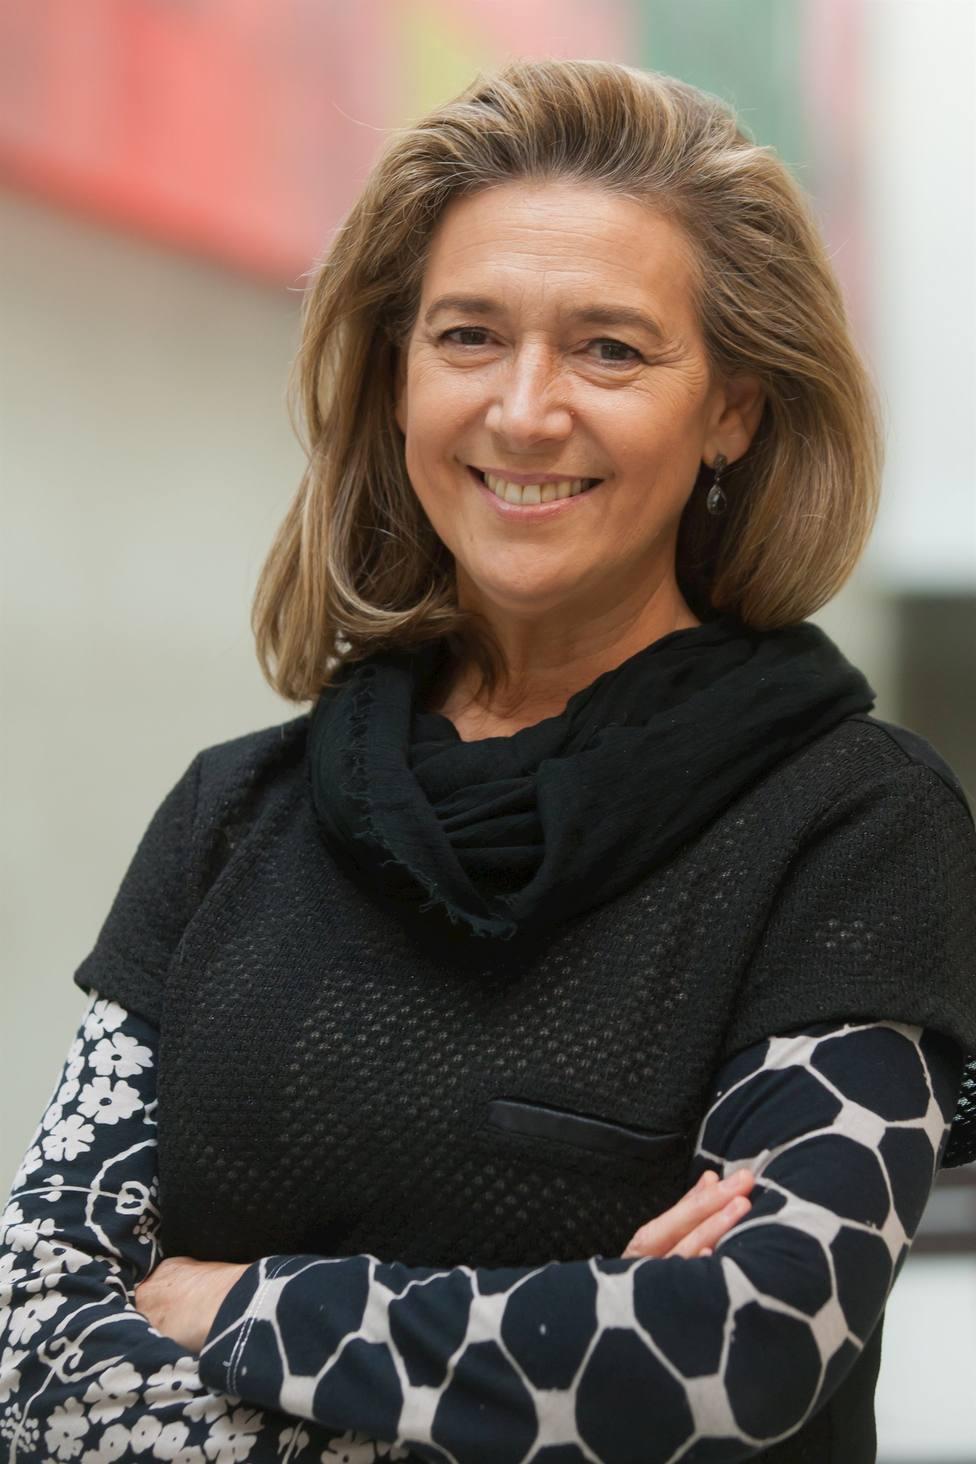 Fallece Mª Teresa La Porte, primera decana de la Facultad de Comunicación de Navarra